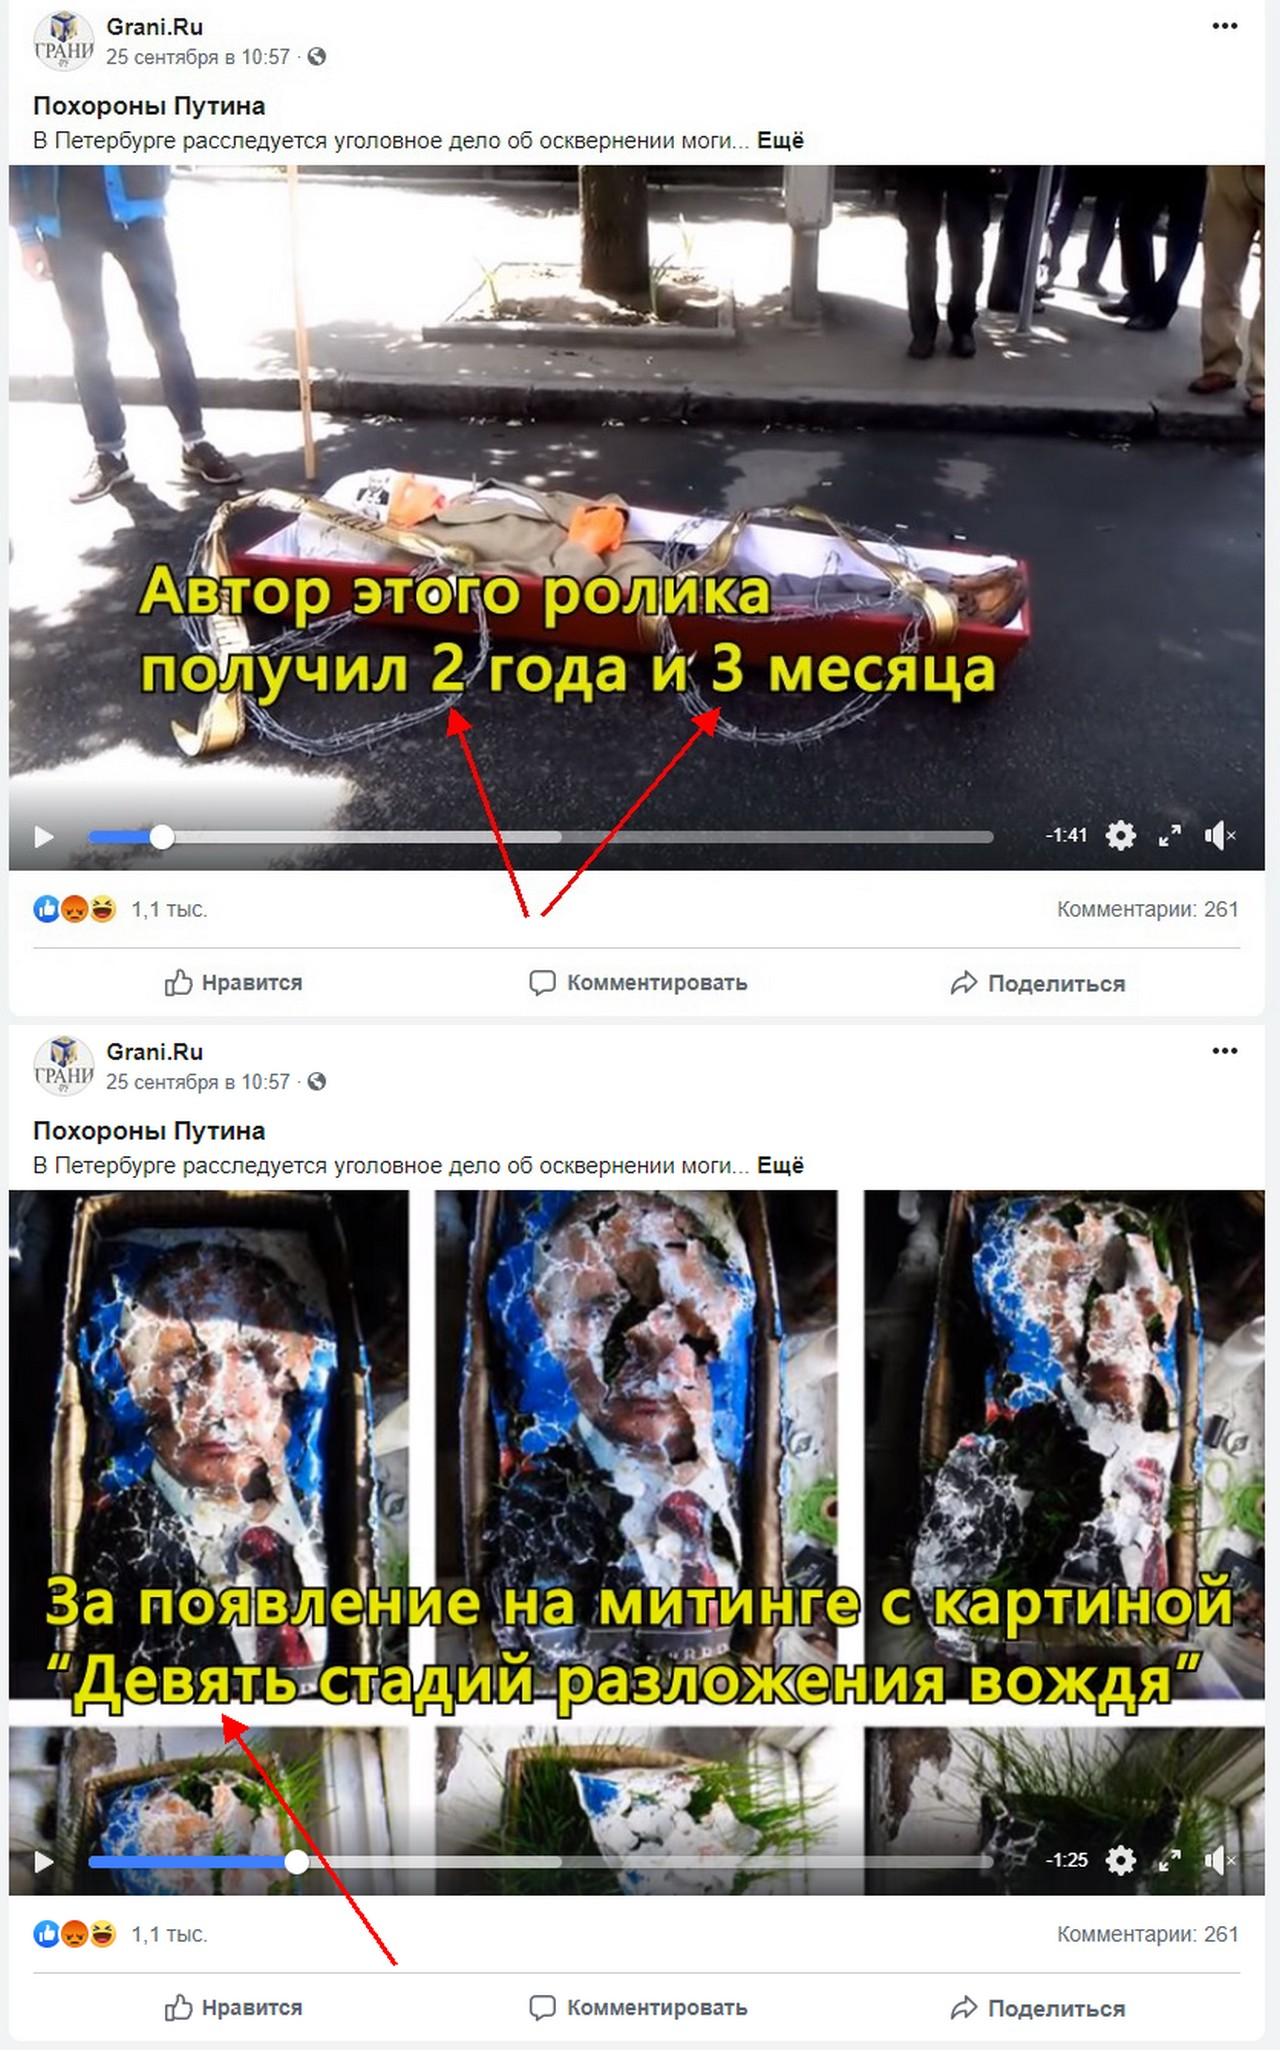 http://s3.uploads.ru/fn26B.jpg